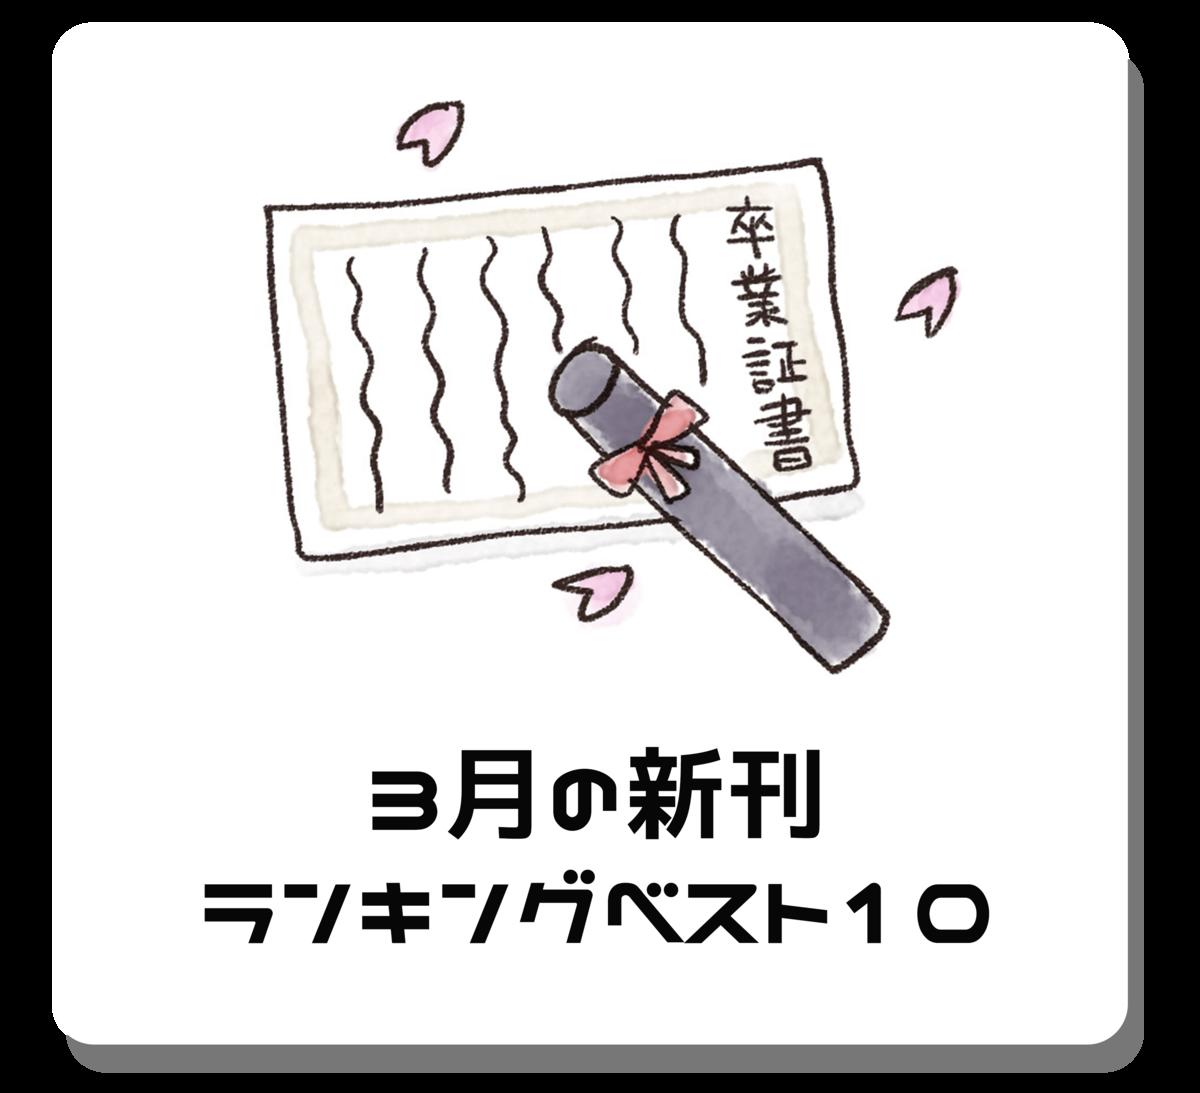 f:id:mimi_shiro:20190325134550p:plain